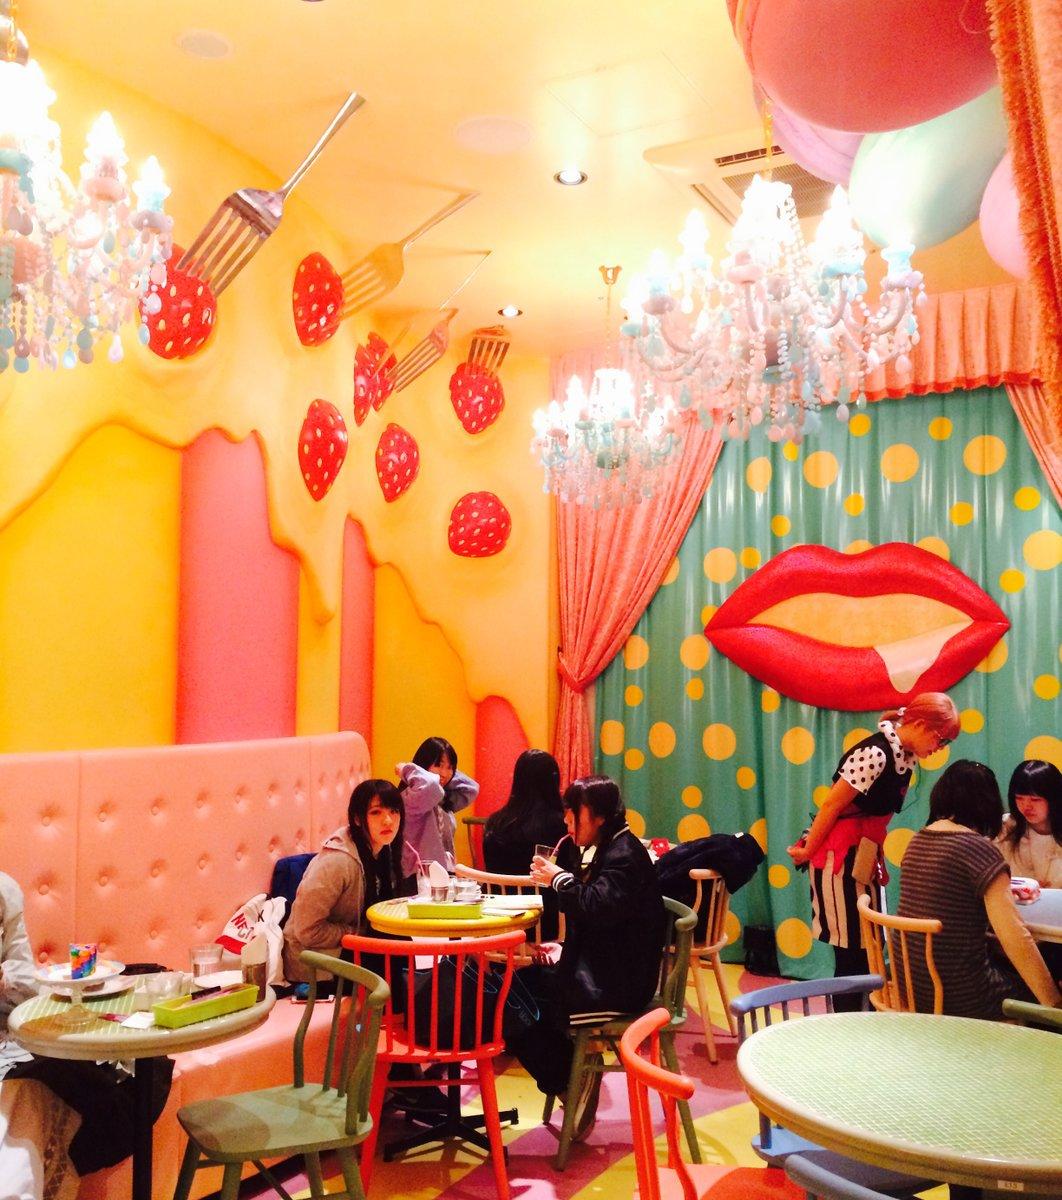 KAWAII MONSTER CAFE HARAJUKU(カワイイ モンスター カフェ)